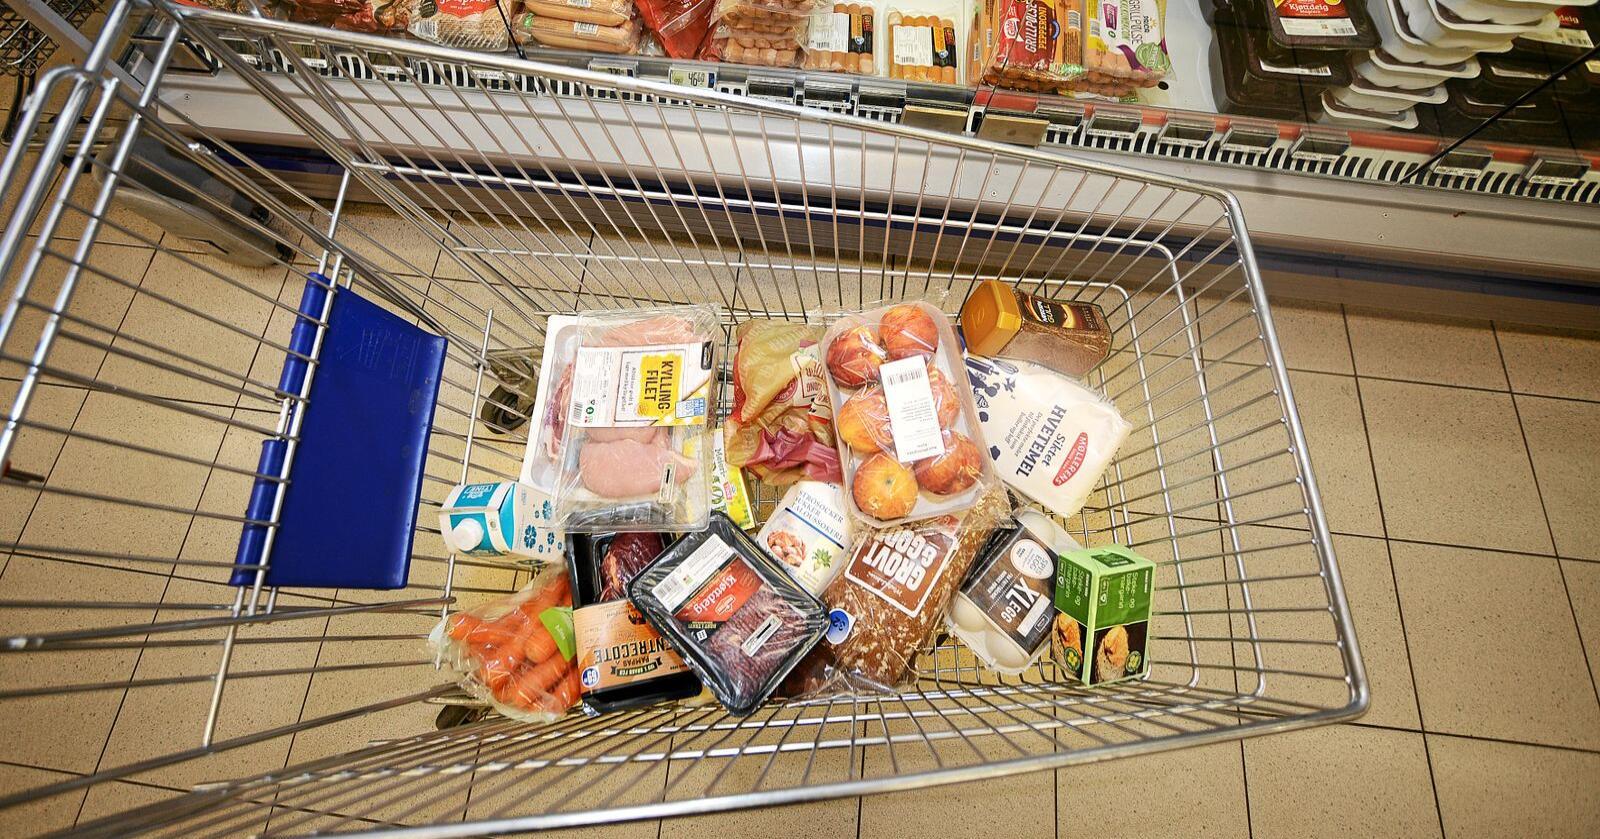 Det har vært tomt for enkelte varer i butikkene de siste ukene. Én av fem nordmenn sier de hamstret eller kjøpte inn ekstra mat og dagligvarer i forbindelse med koronaviruset, viser en ny undersøkelse. Foto: Siri Juell Rasmussen